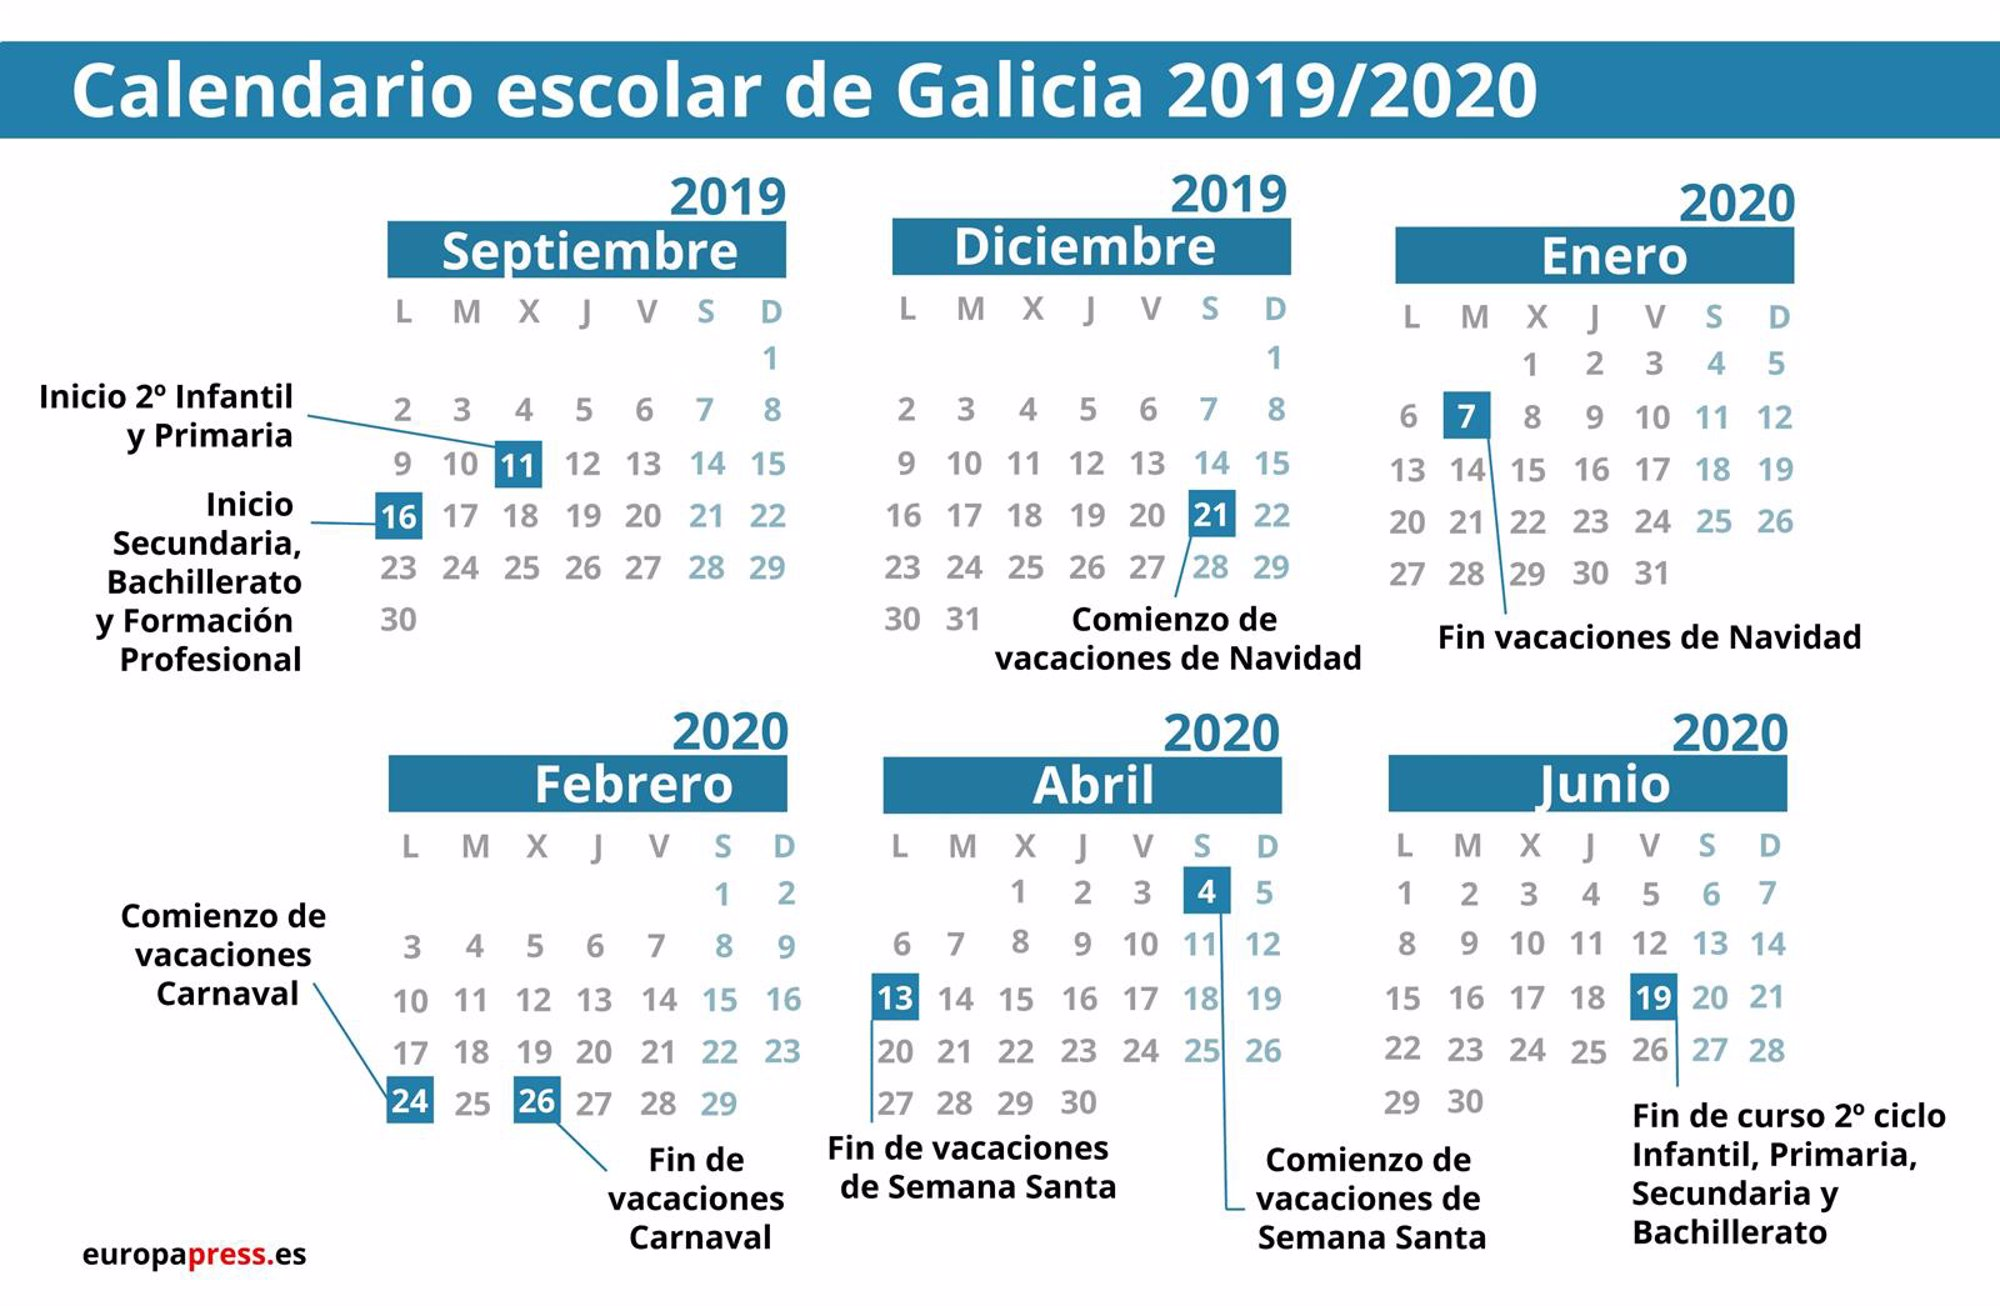 Calendario Verano 2020.Calendario Escolar En Galicia 2019 2020 Navidad Semana Santa Y Vacaciones De Verano